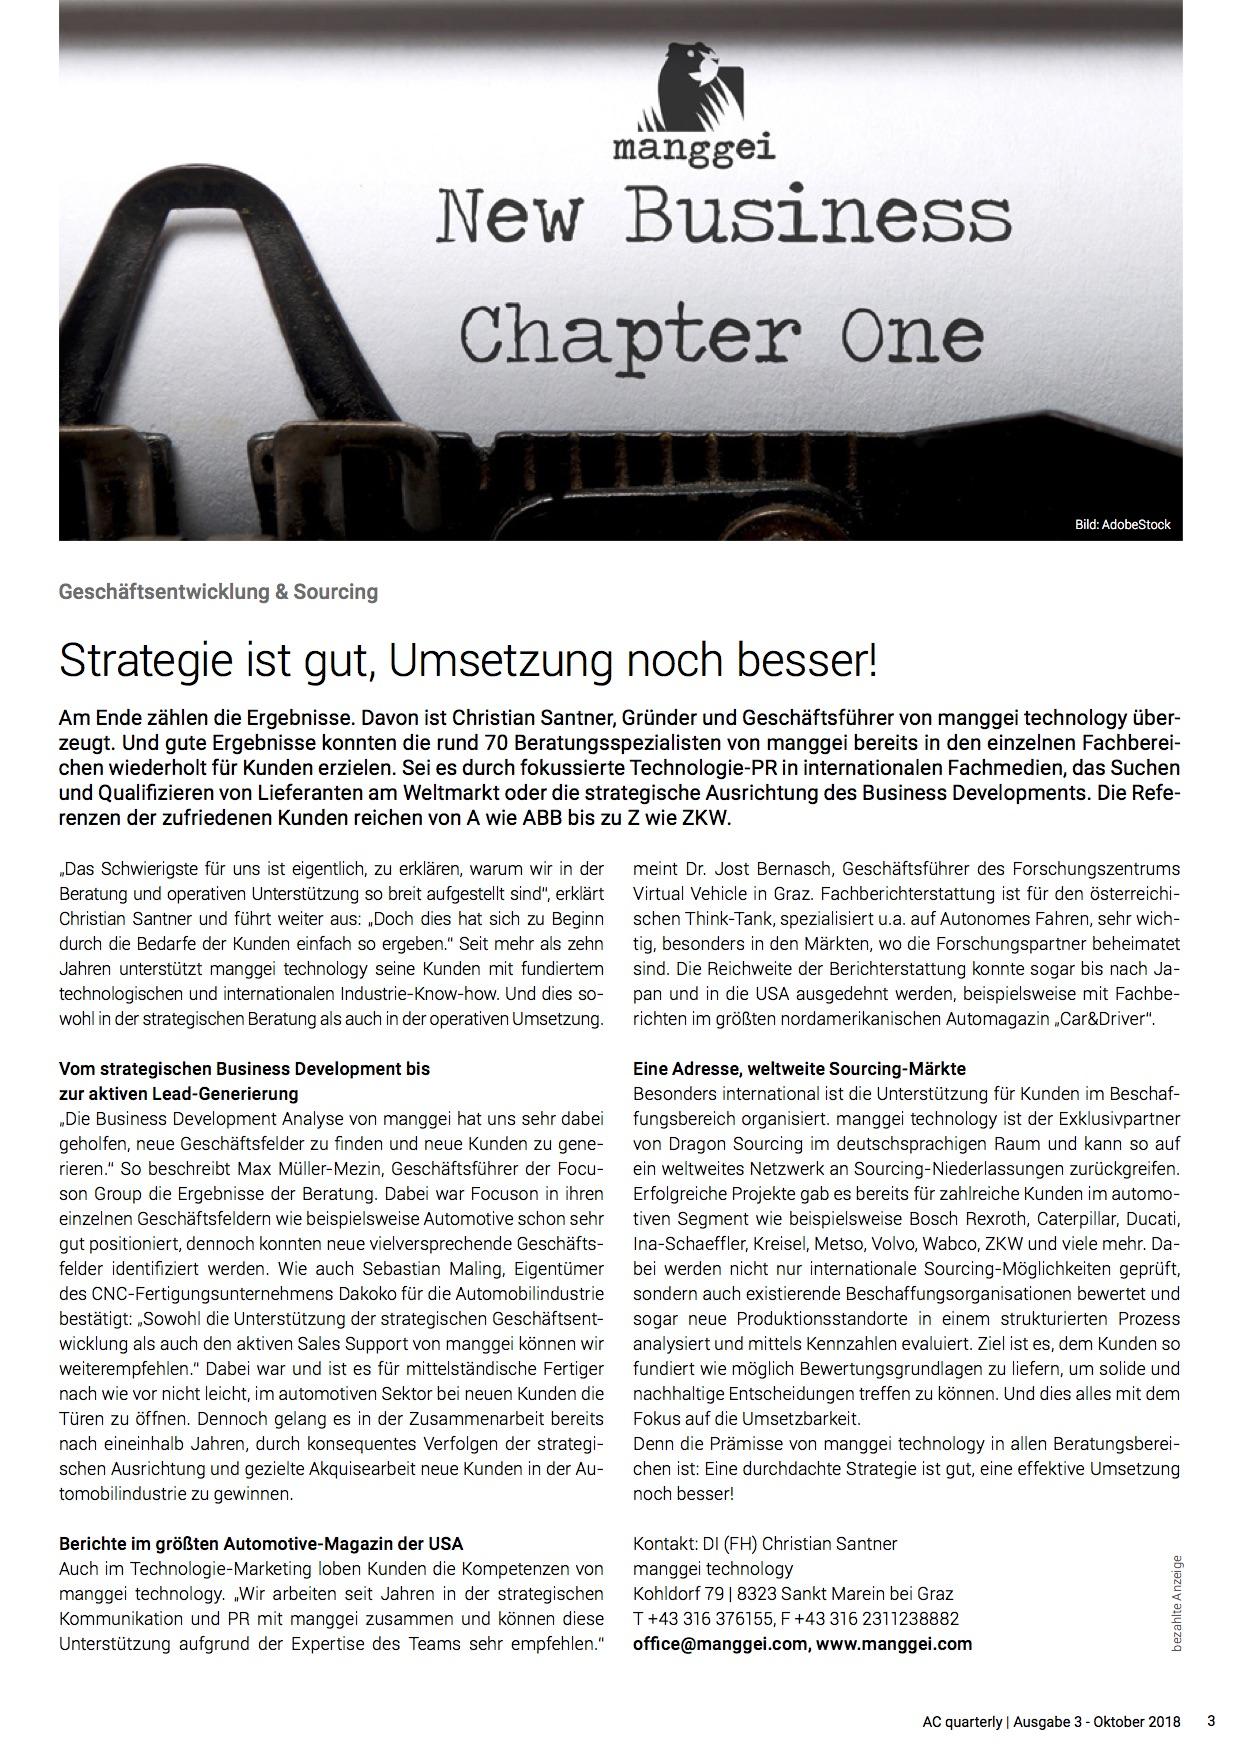 AC quaterly   Ausgabe 3 - Oktober 2018, Seite 3